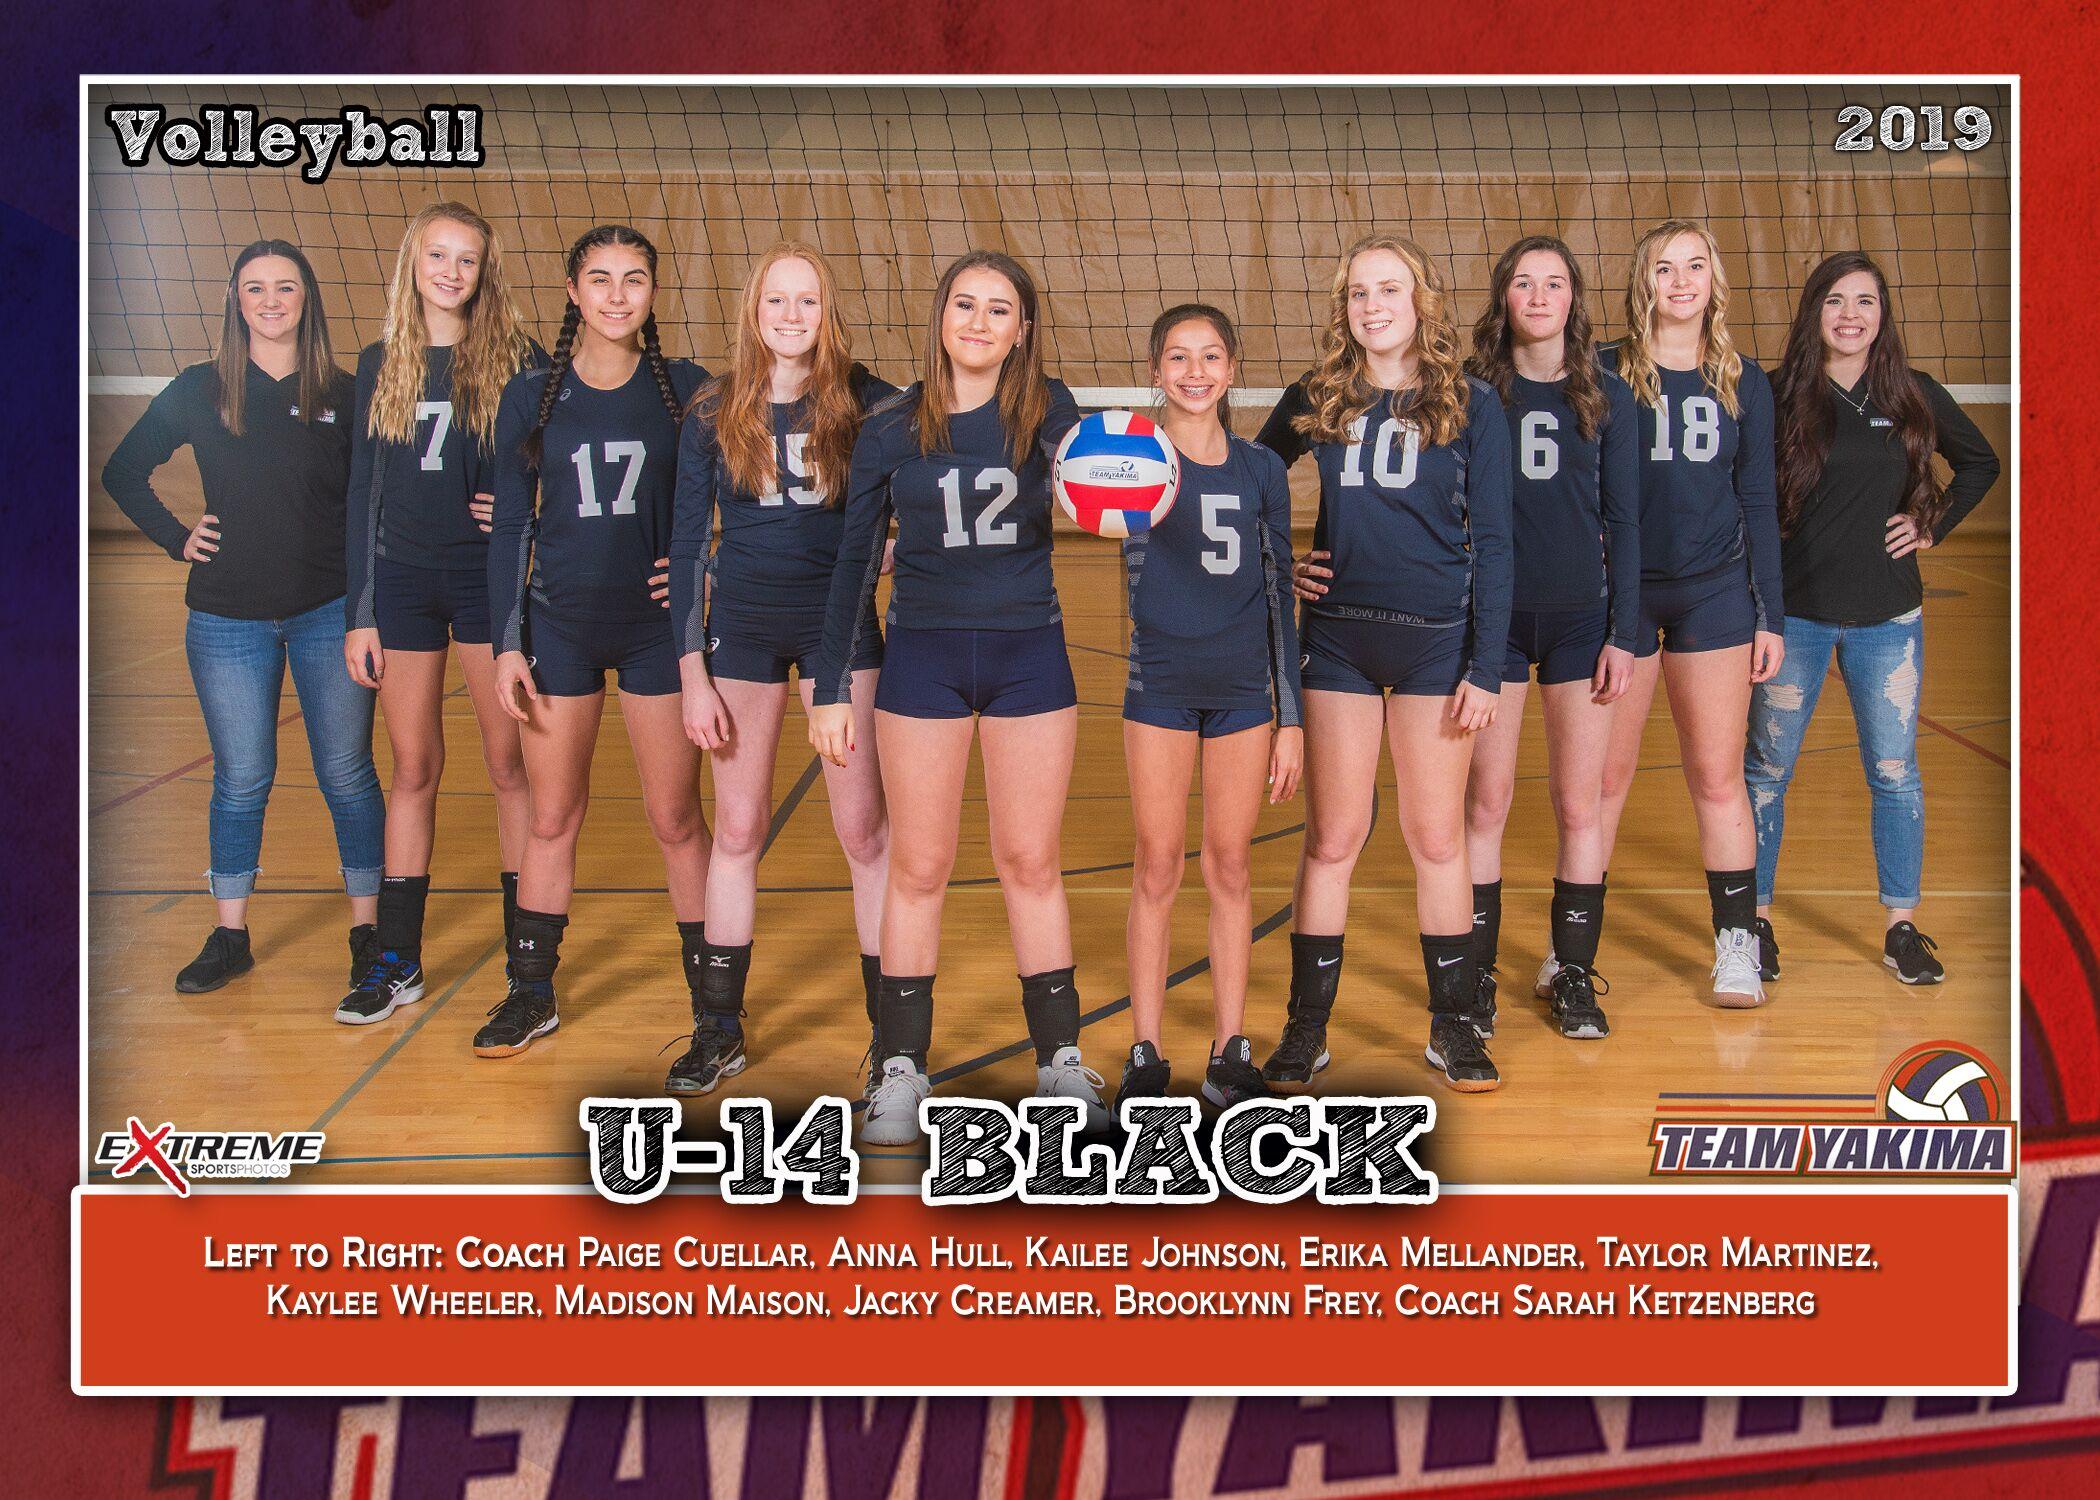 Team Yakima 14 Black